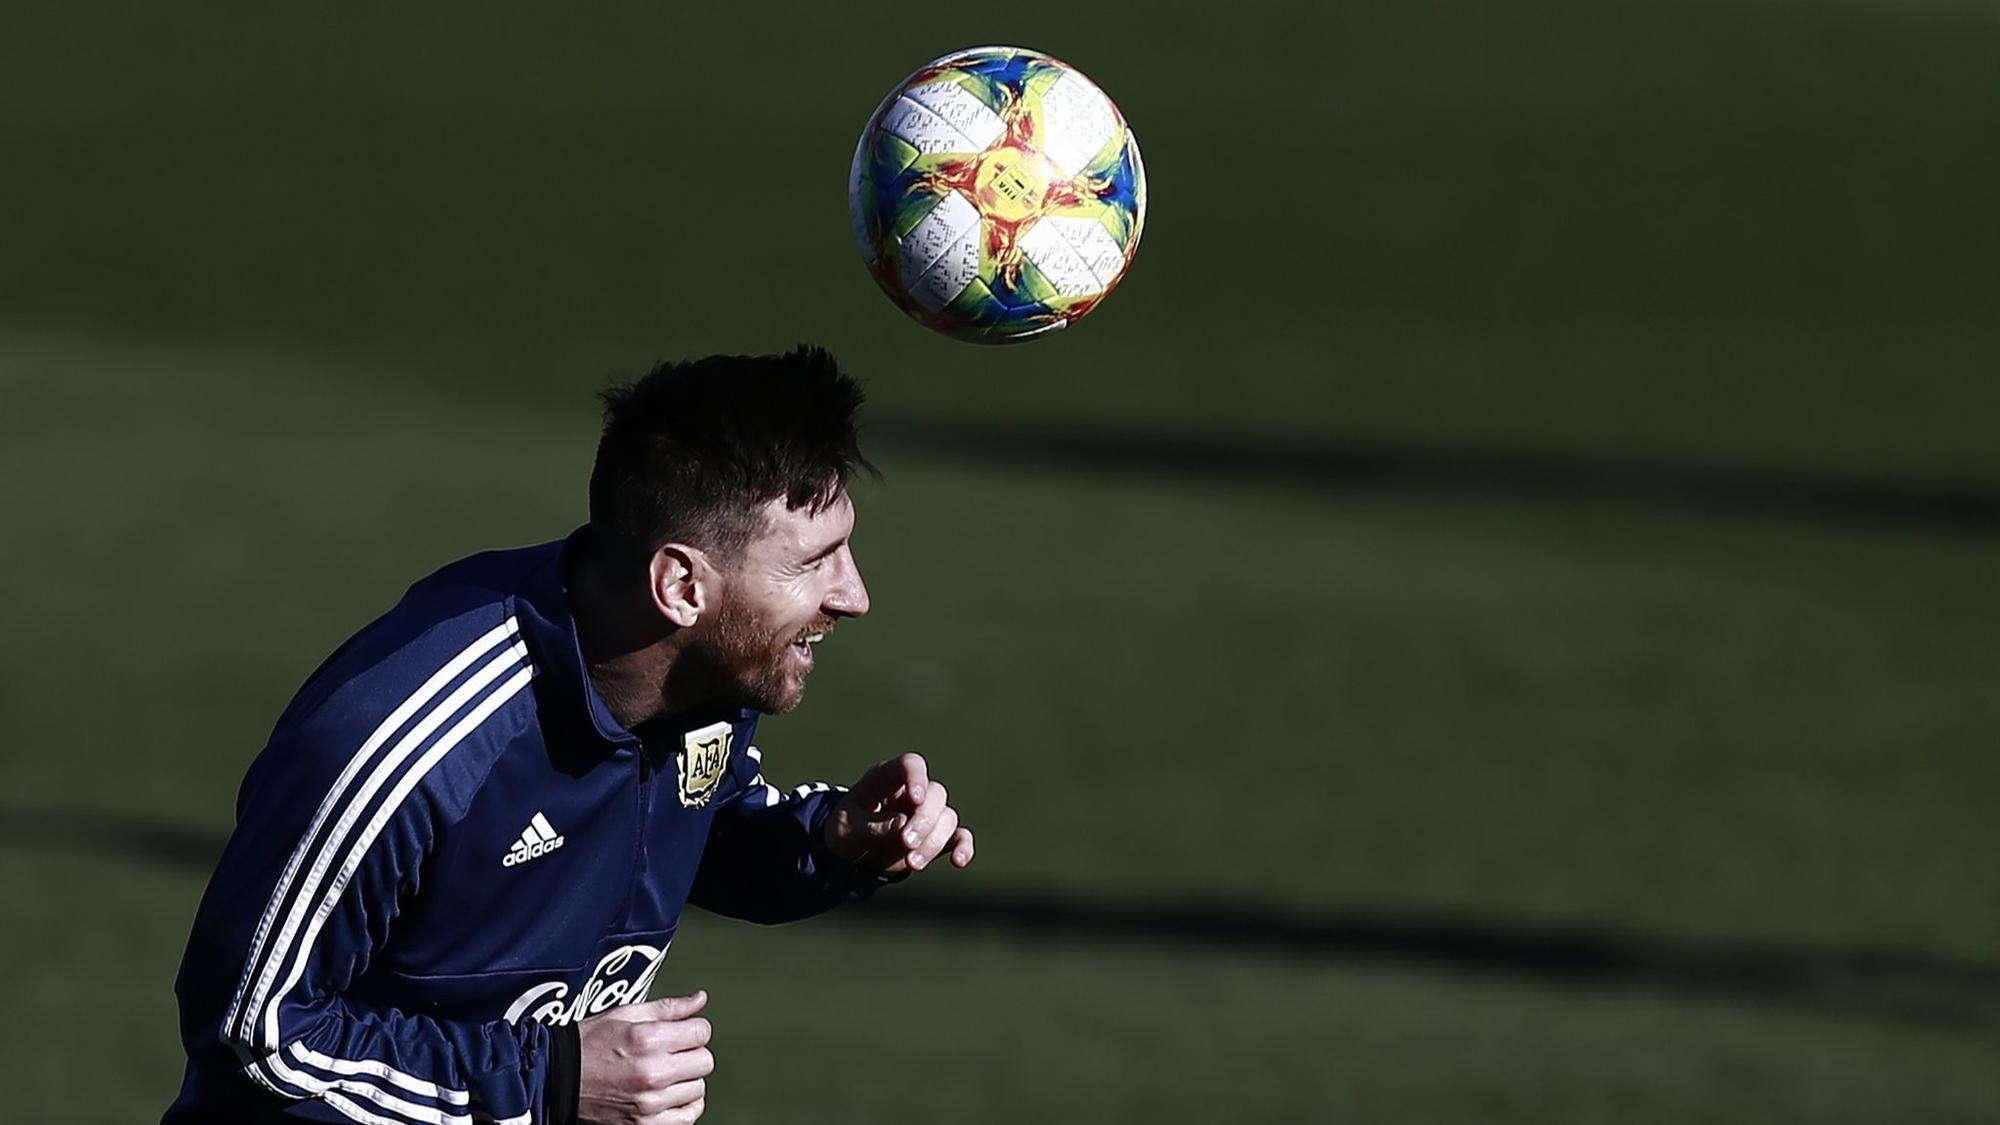 Lionel Scaloni : Tidak Ada Kata-Kata Untuk Menggambarkan Messi